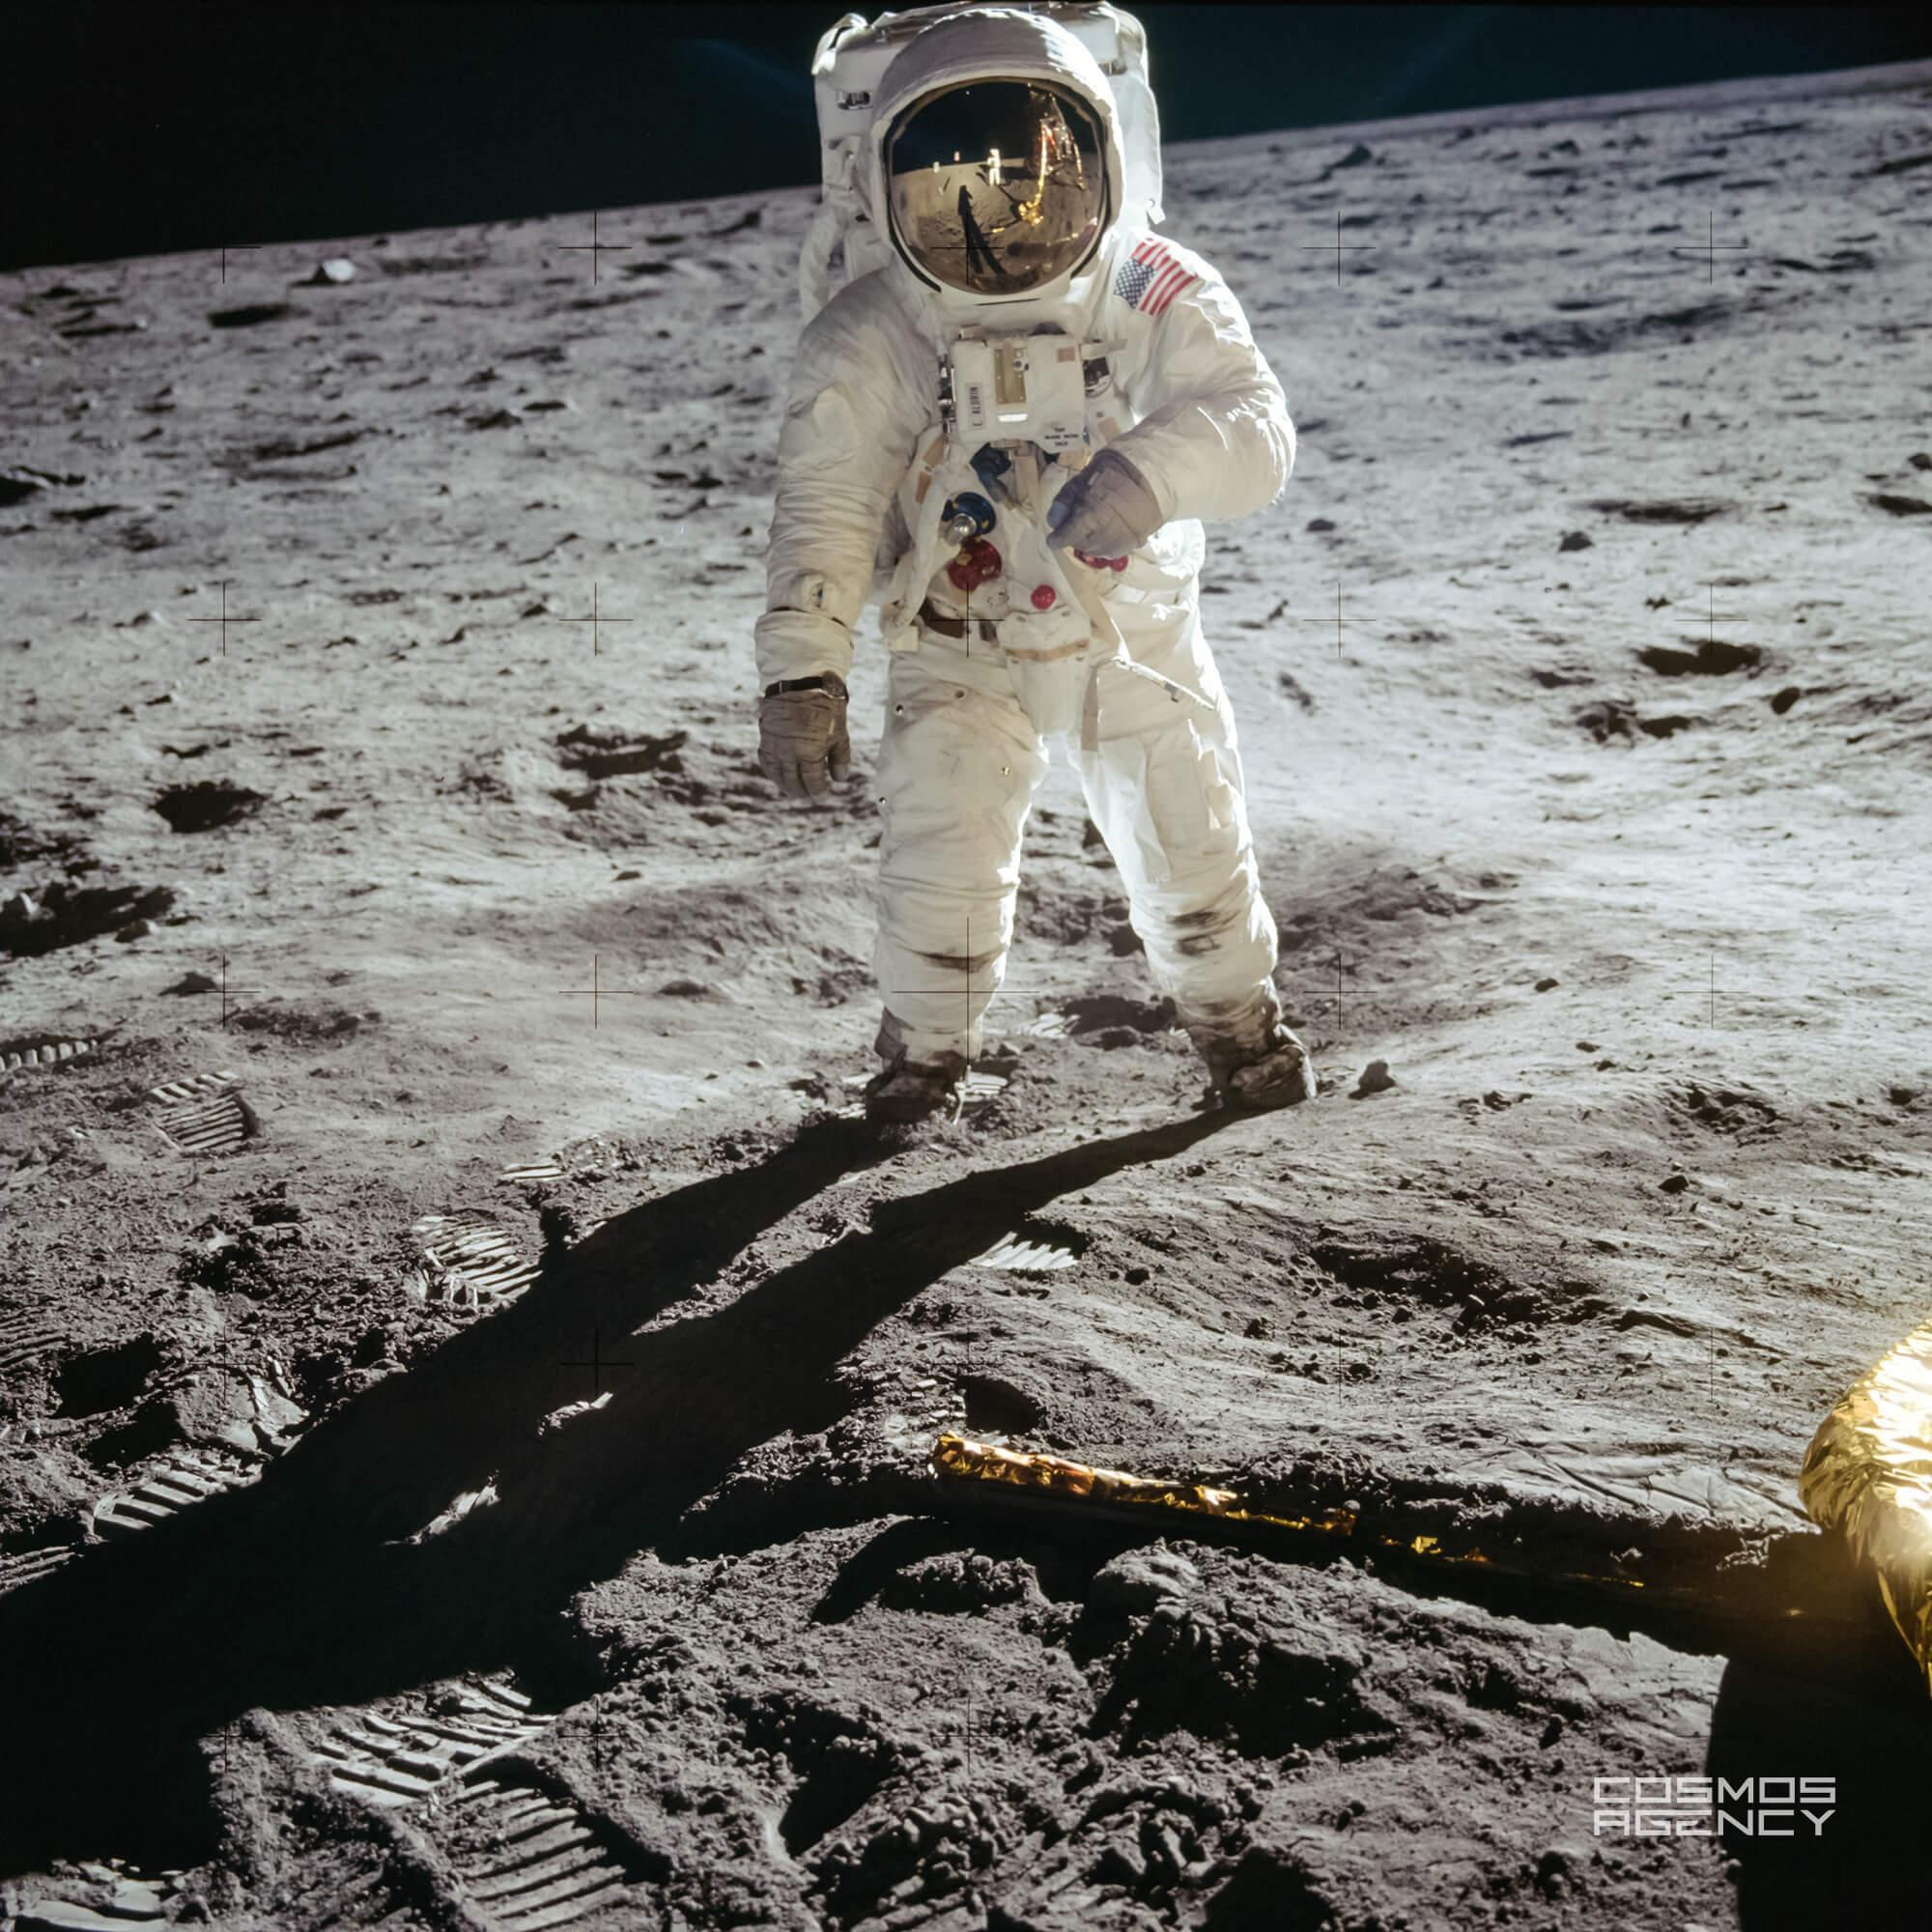 Знаменитый снимок астронавта NASA Базза Олдрина позирующего перед камерой, которую держит другой астронавт NASA Нил Армстронг (отражается в визоре), Аполлон 11